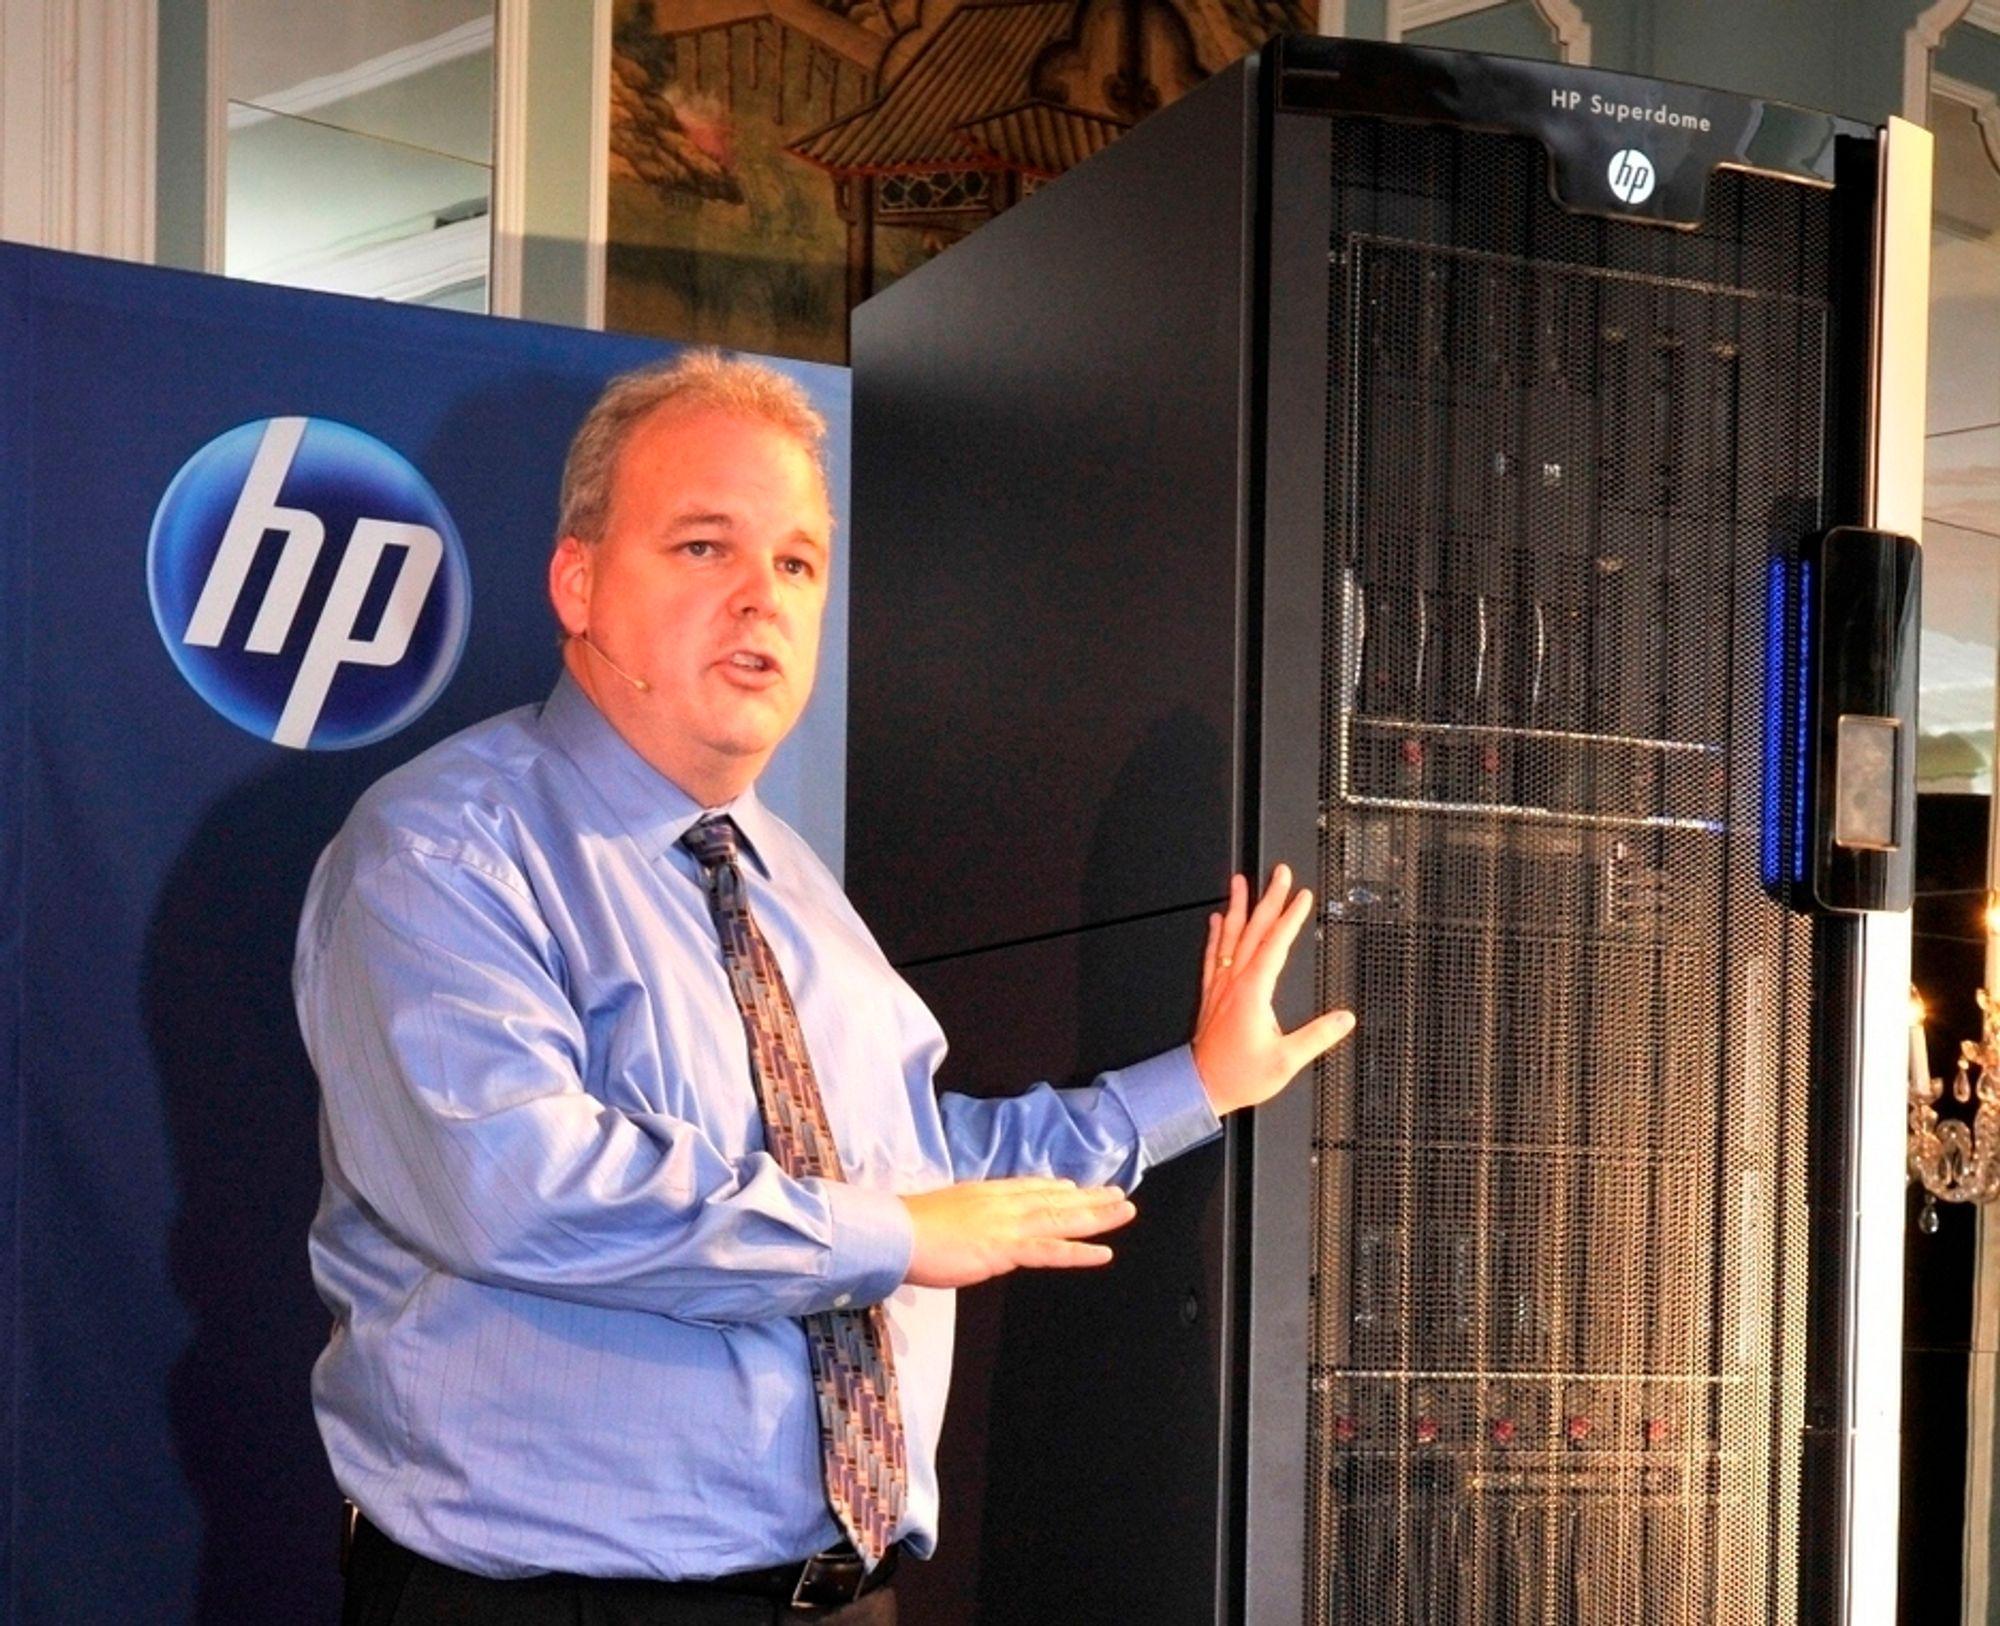 SAMLET: Martin Fink, sjef for forretningskritiske systemer hos HP opplyser at Super Dome 2 bruker halvparten så mye energi som forgjengeren og bare trenger halvparten av plassen.